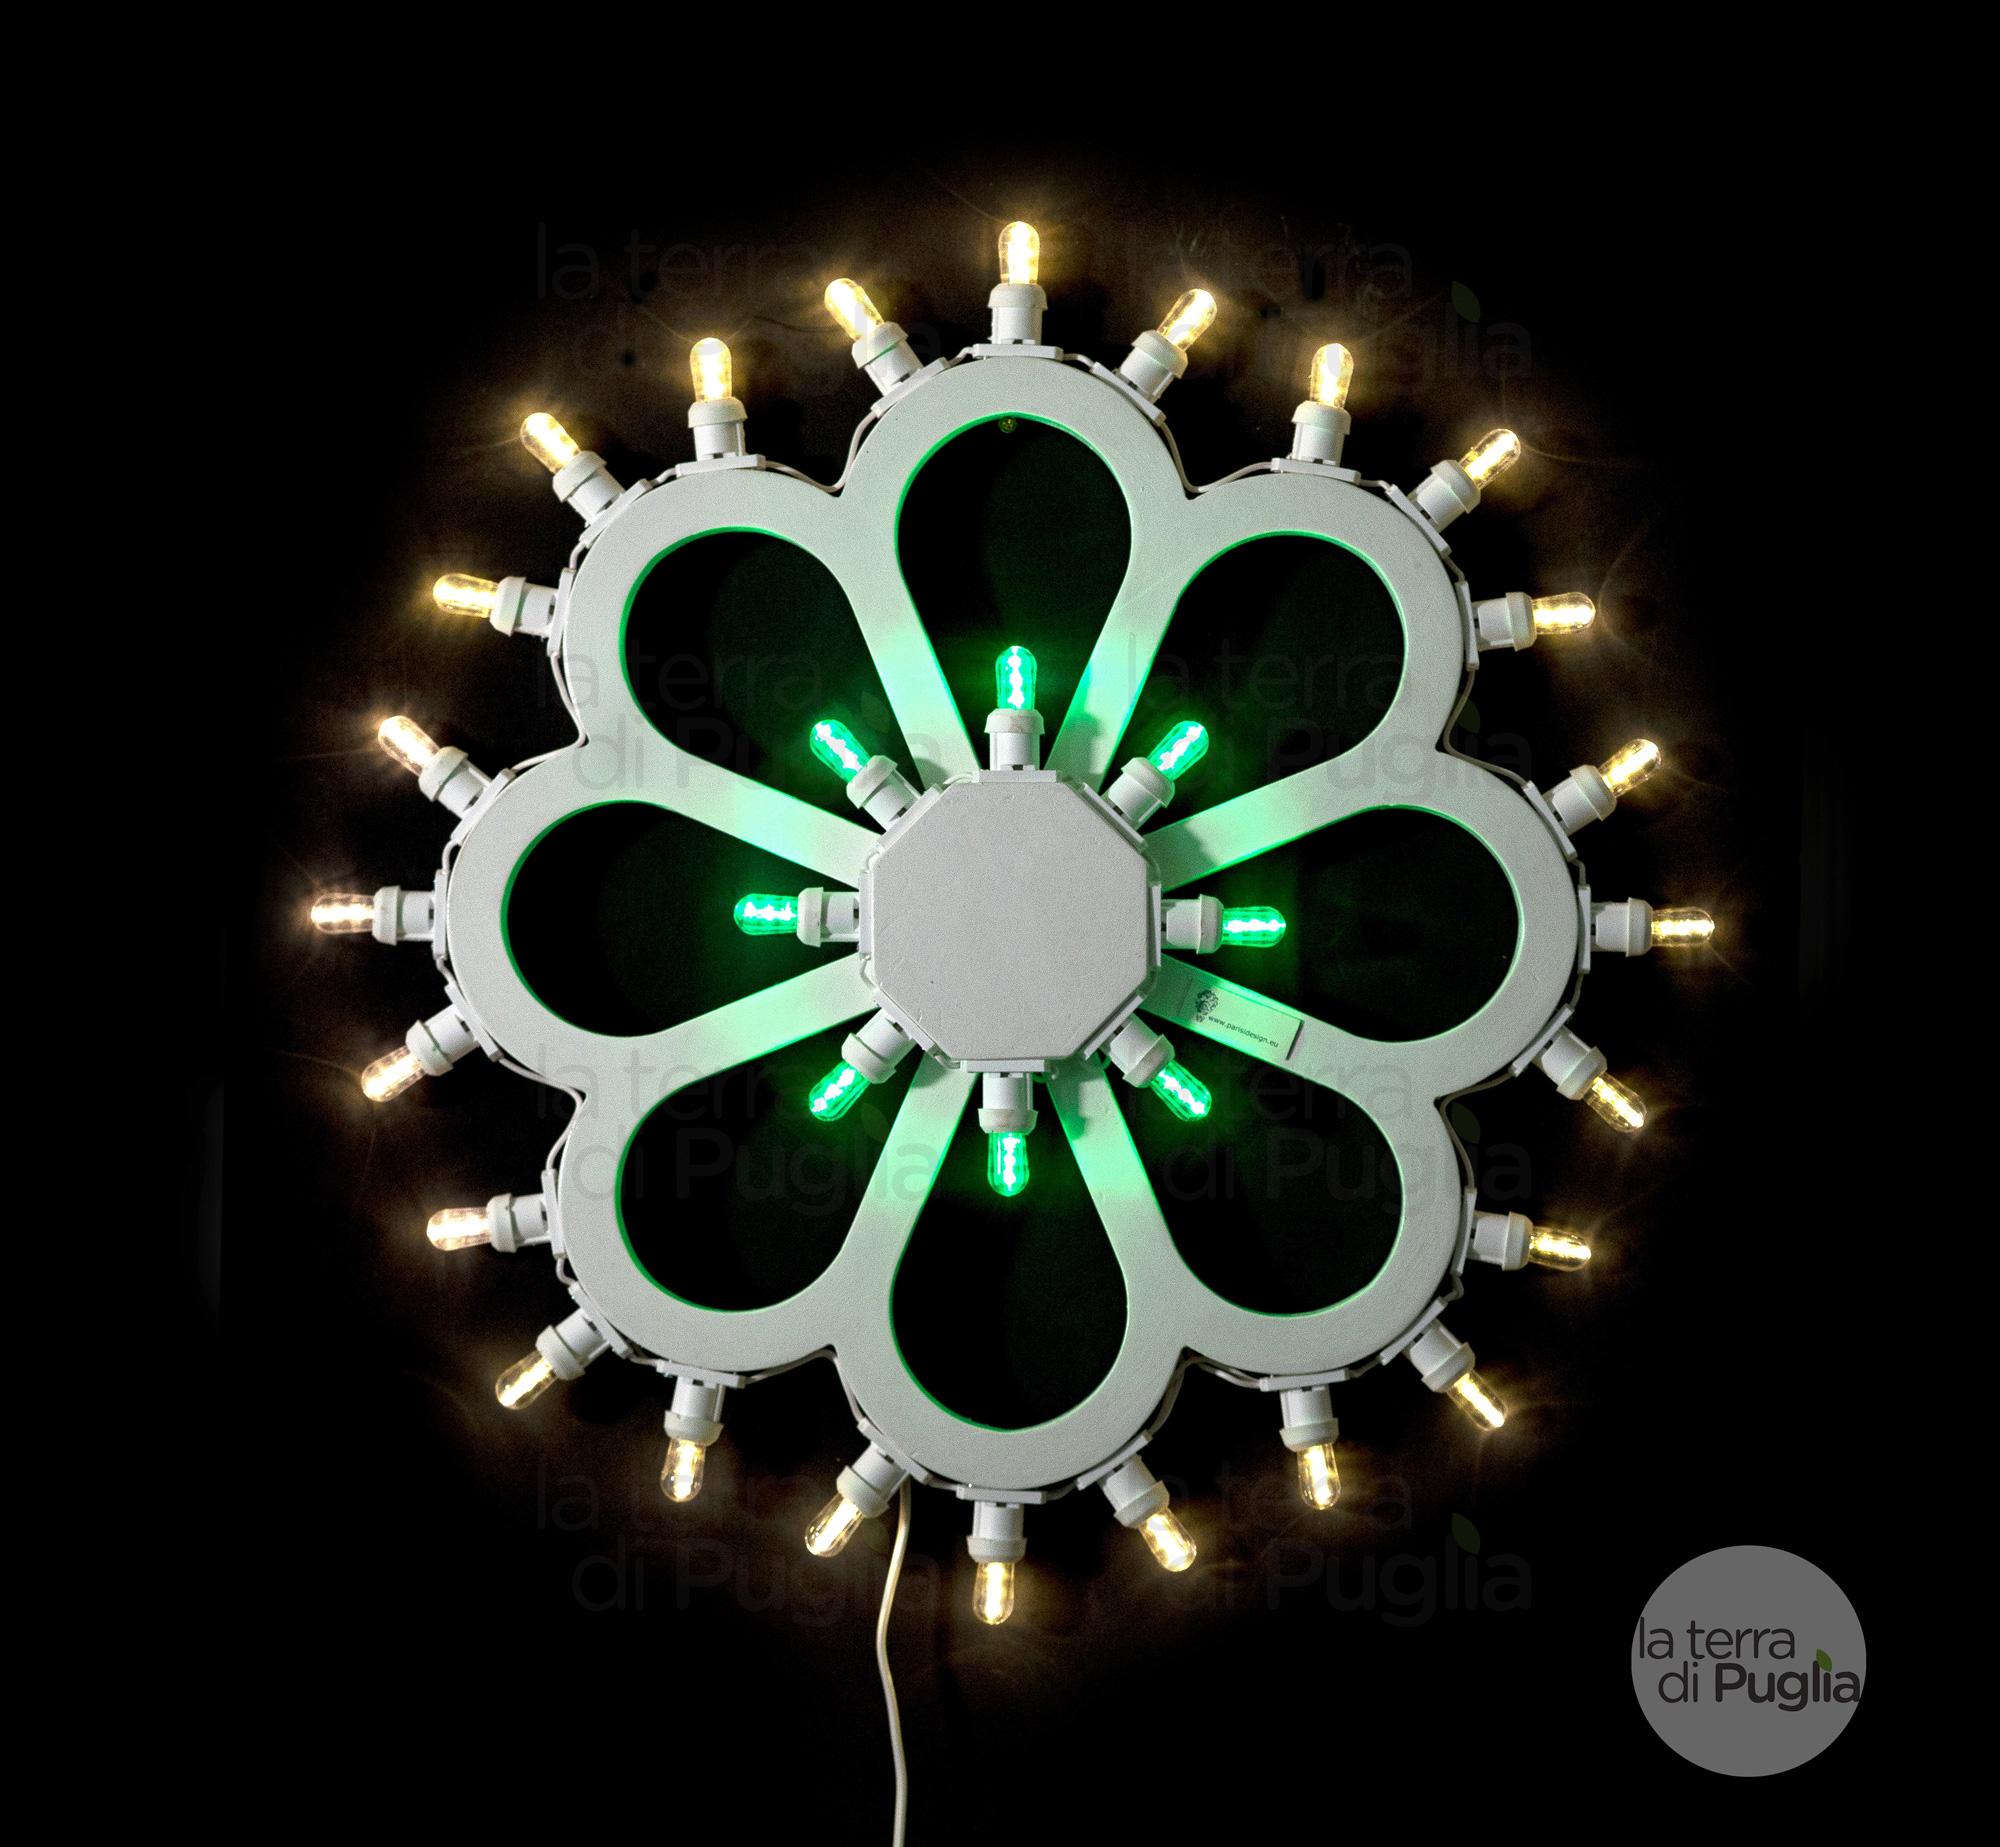 luminaria-fiore-completo-nero